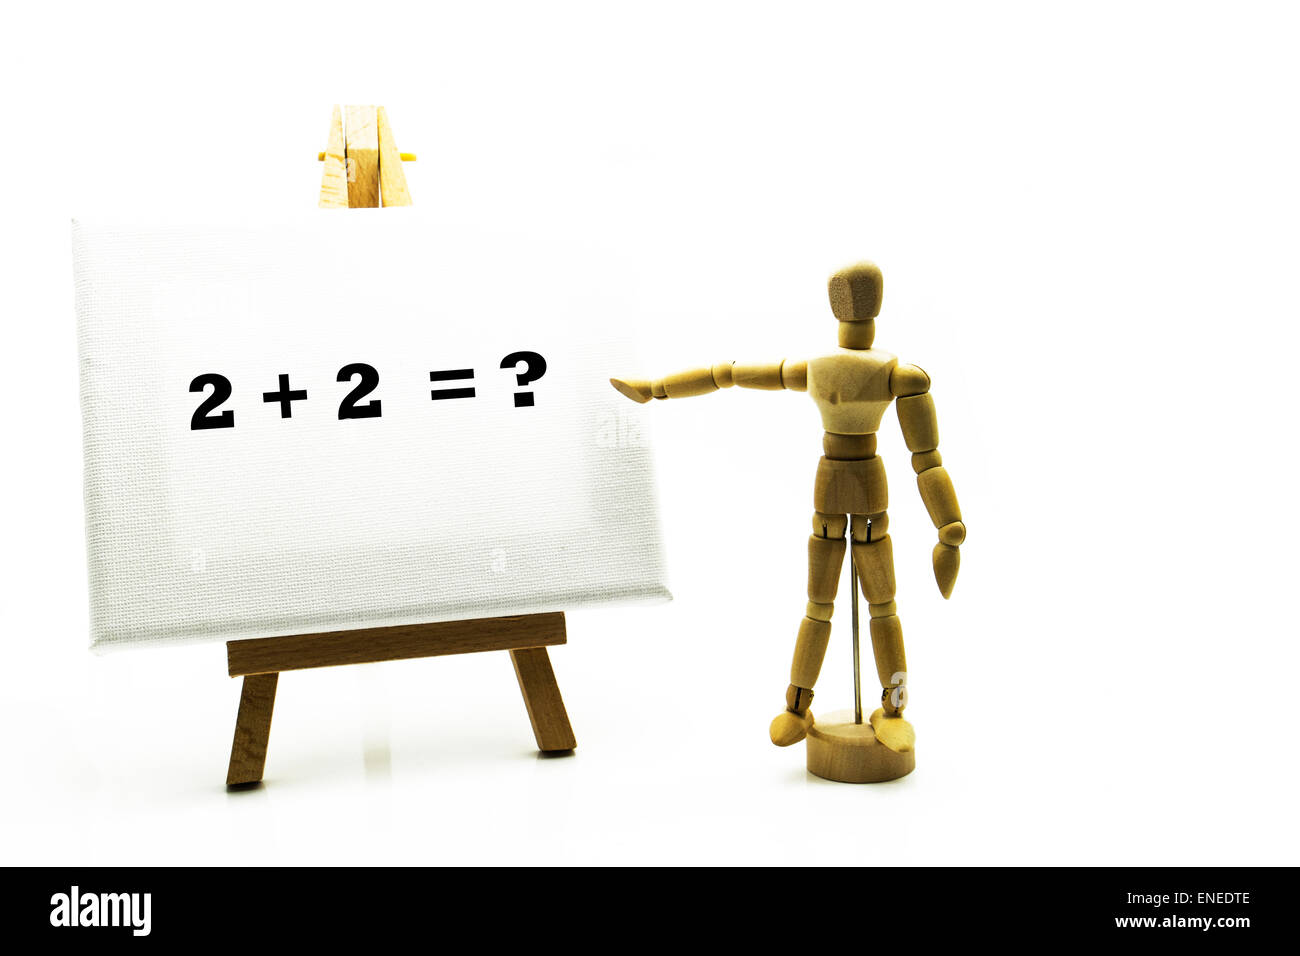 """Uomo di legno con bordo bianco rivolto alle parole """"2 + 2 = ?' somma somme istruzione concetto didattico Immagini Stock"""